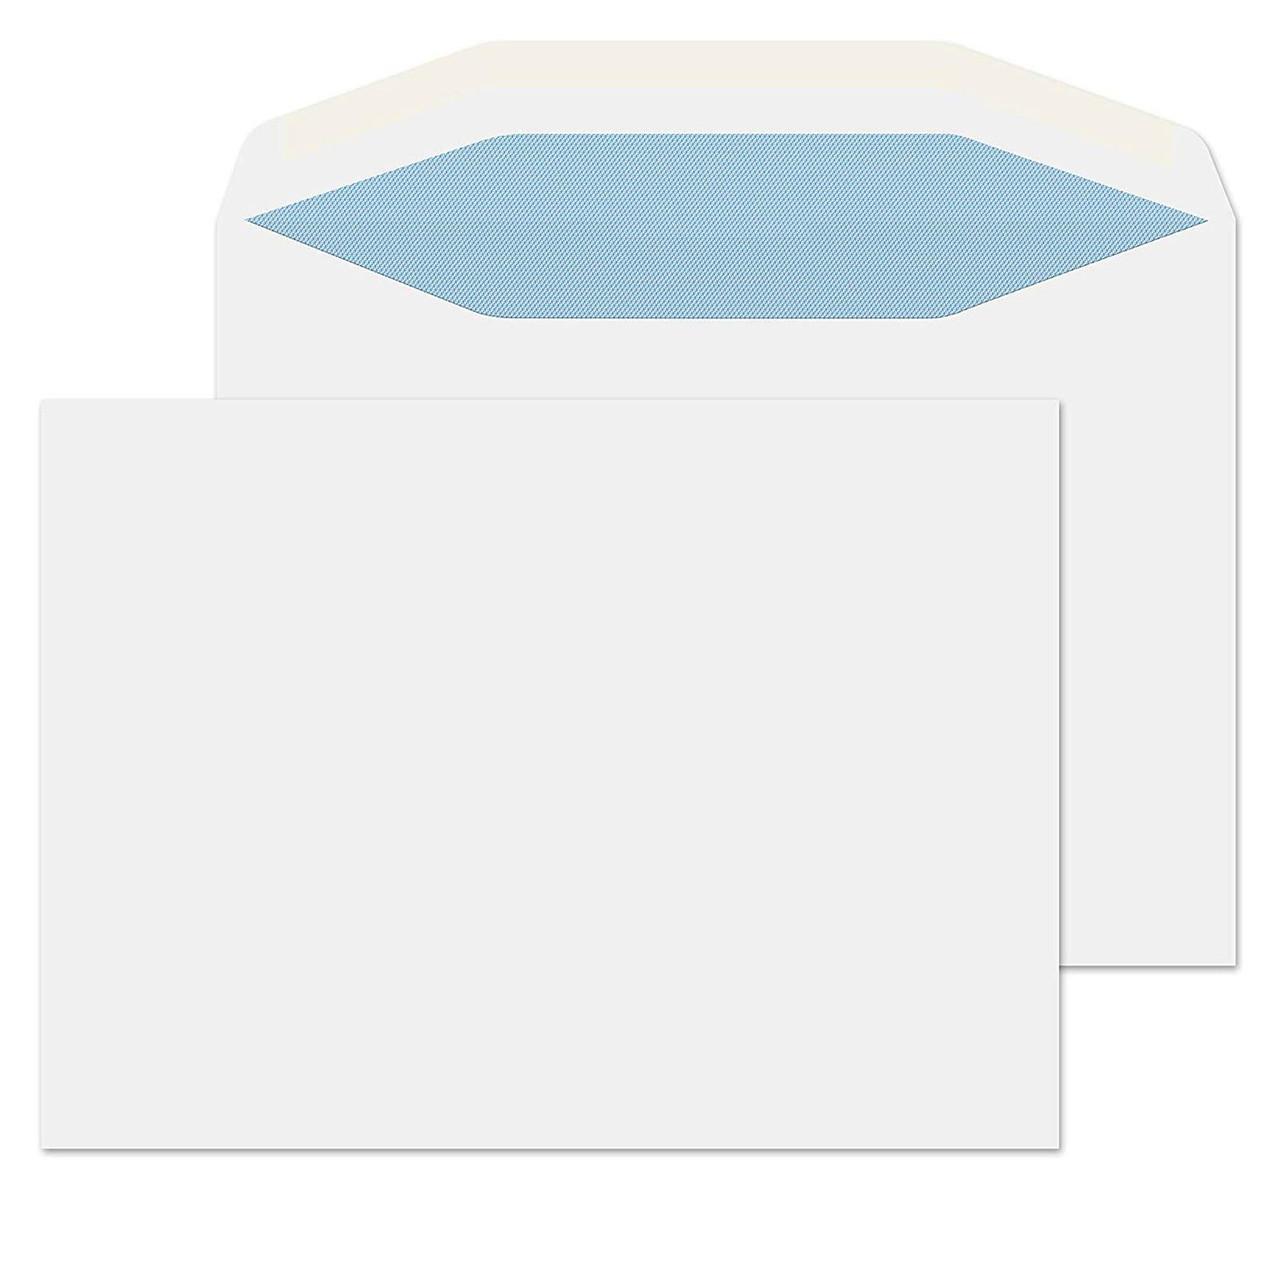 Folder Inserter Envelopes - C5 NON-Window - 1000pcs